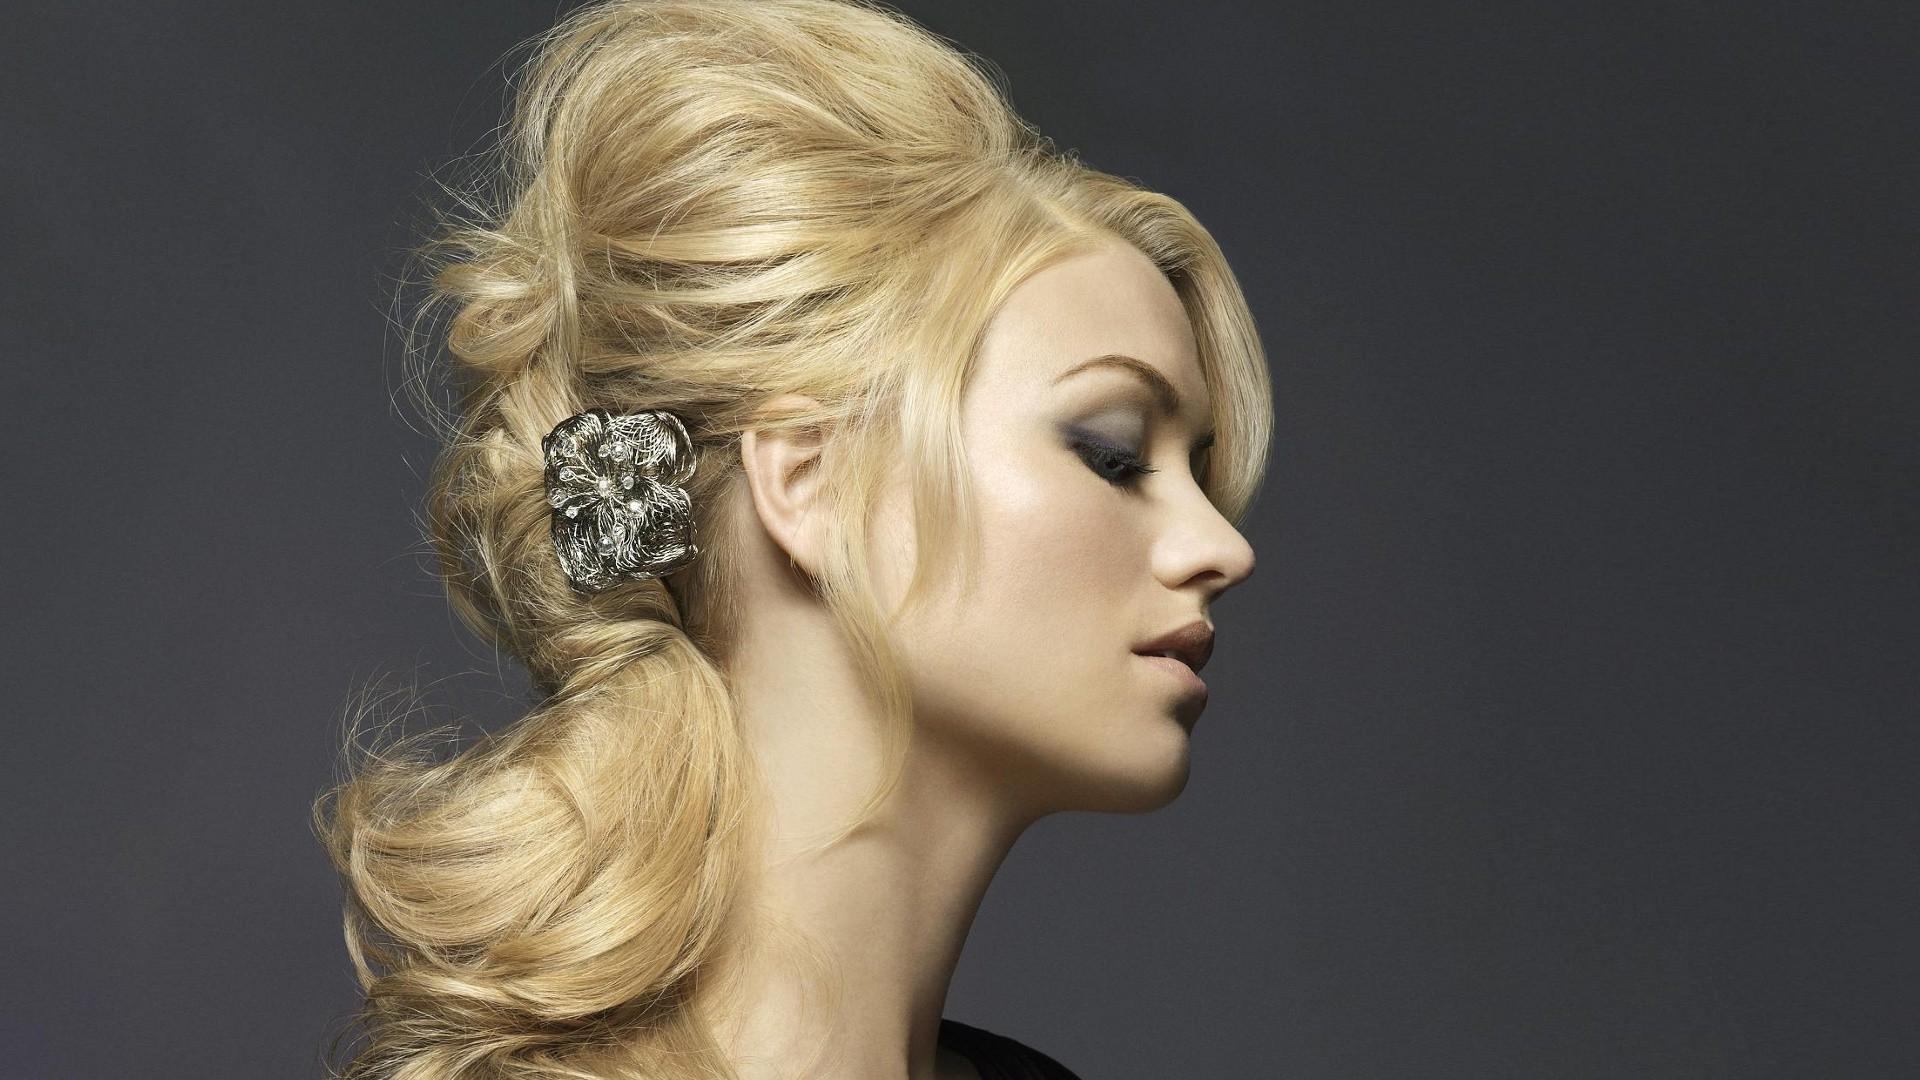 Stunning Yvonne Strahovski 22741 1920x1080 px 1920x1080